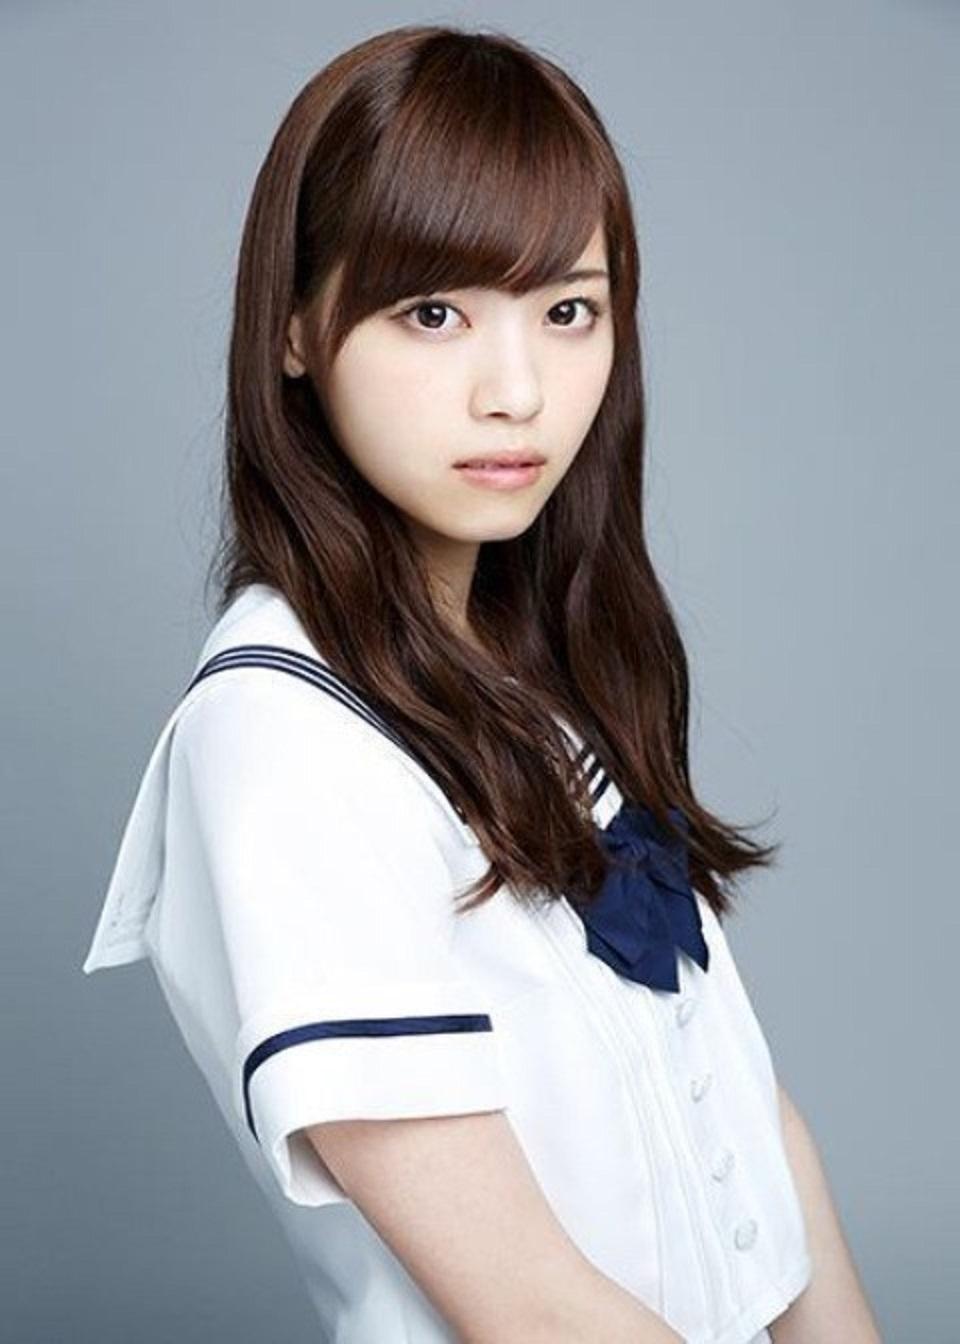 nishino_nanase064.jpg